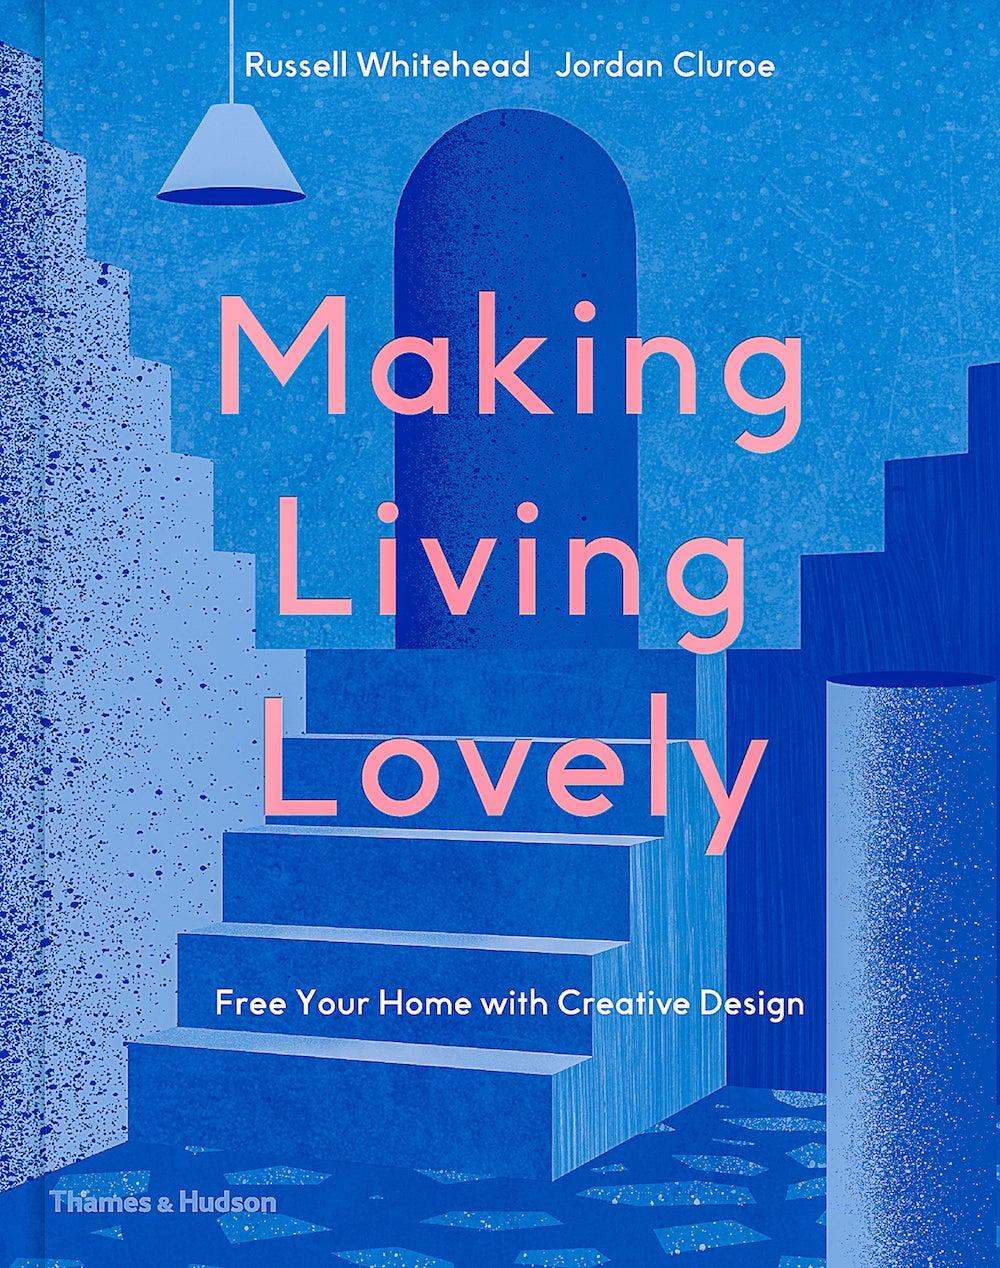 DM0320_2LG_Making-Living-Lovely-9780500022696